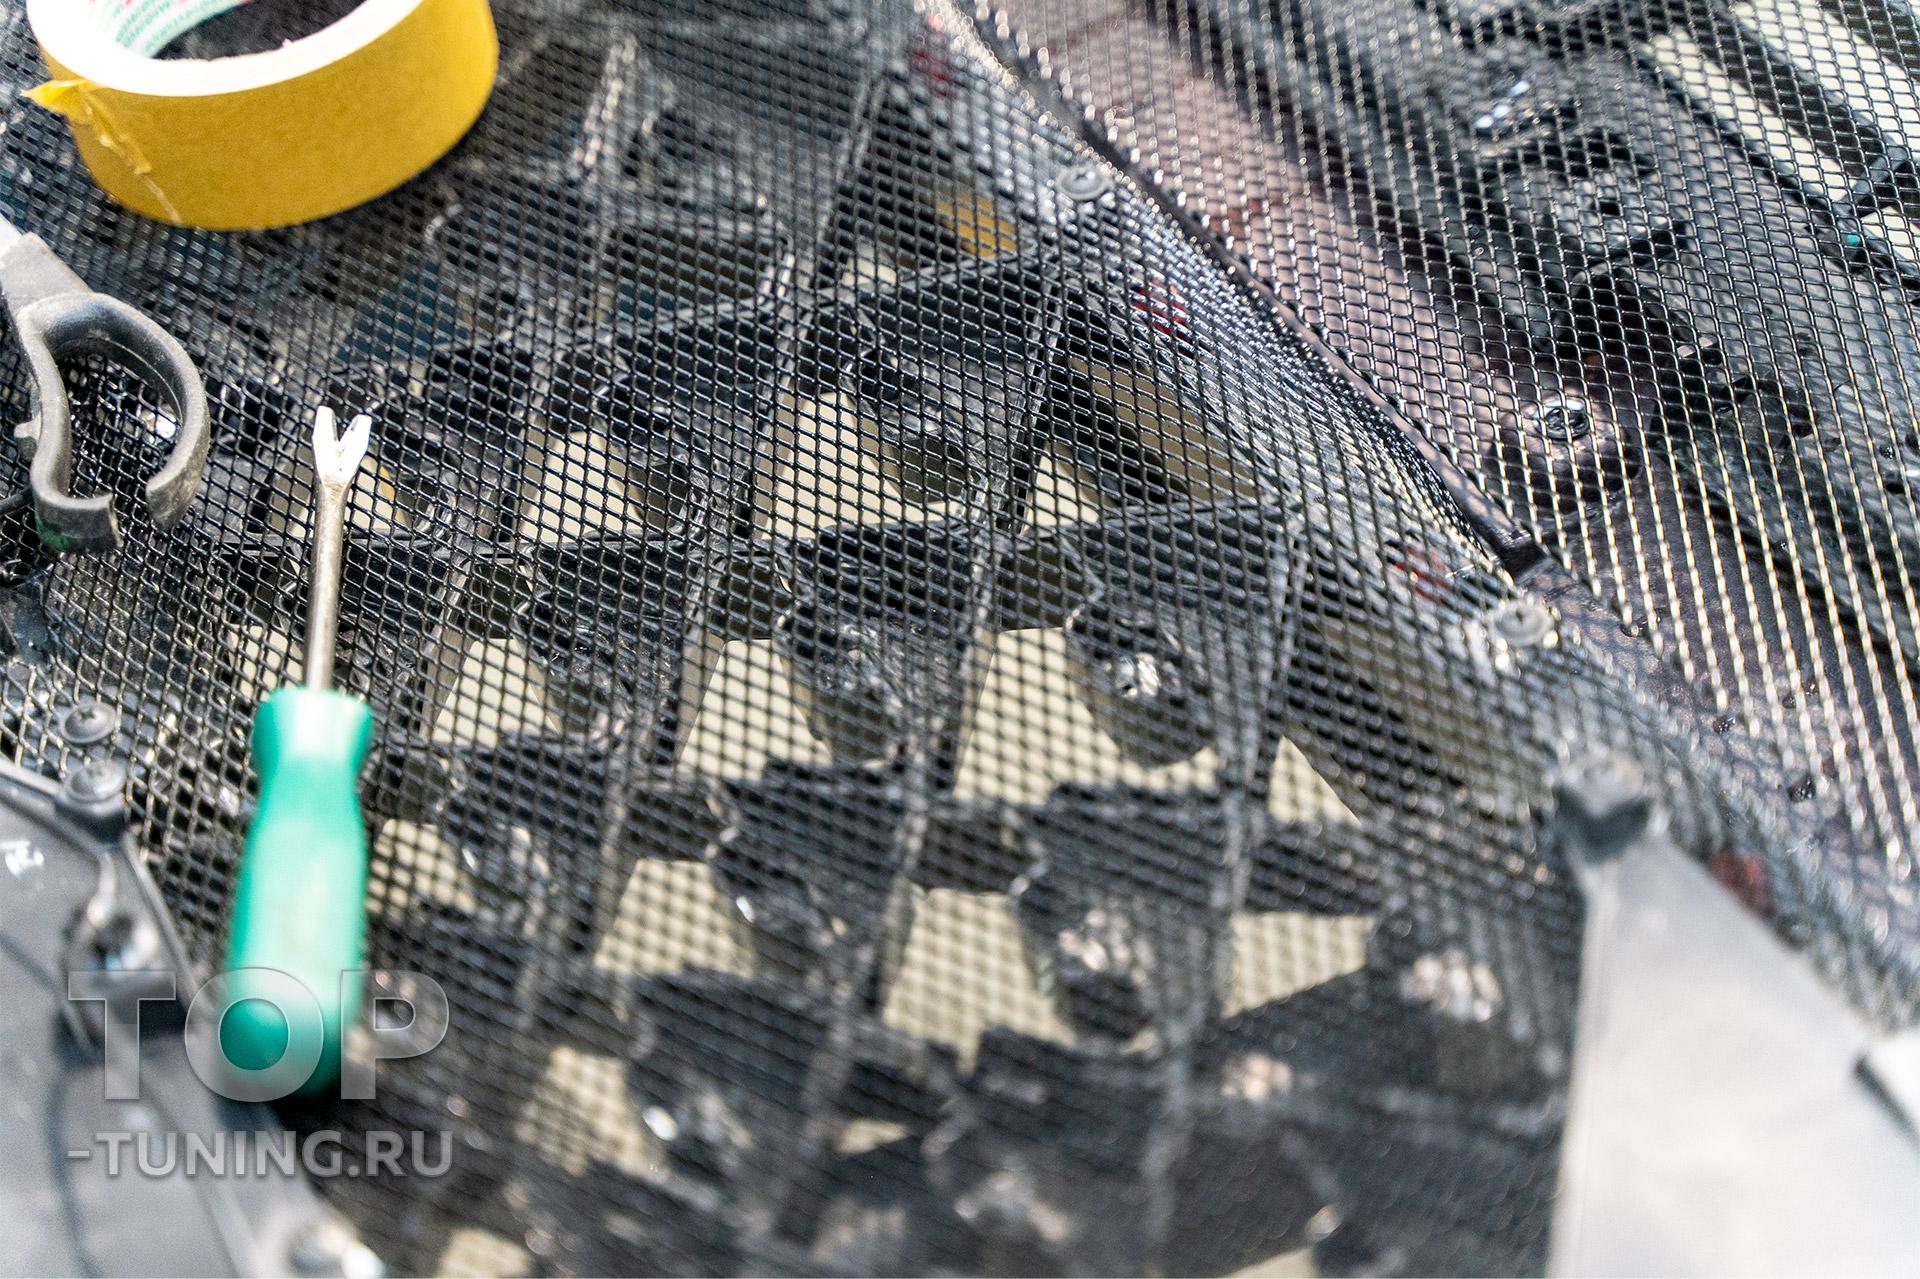 Сетка в бампер и решетку радиатора Чери Тигго 7 Про